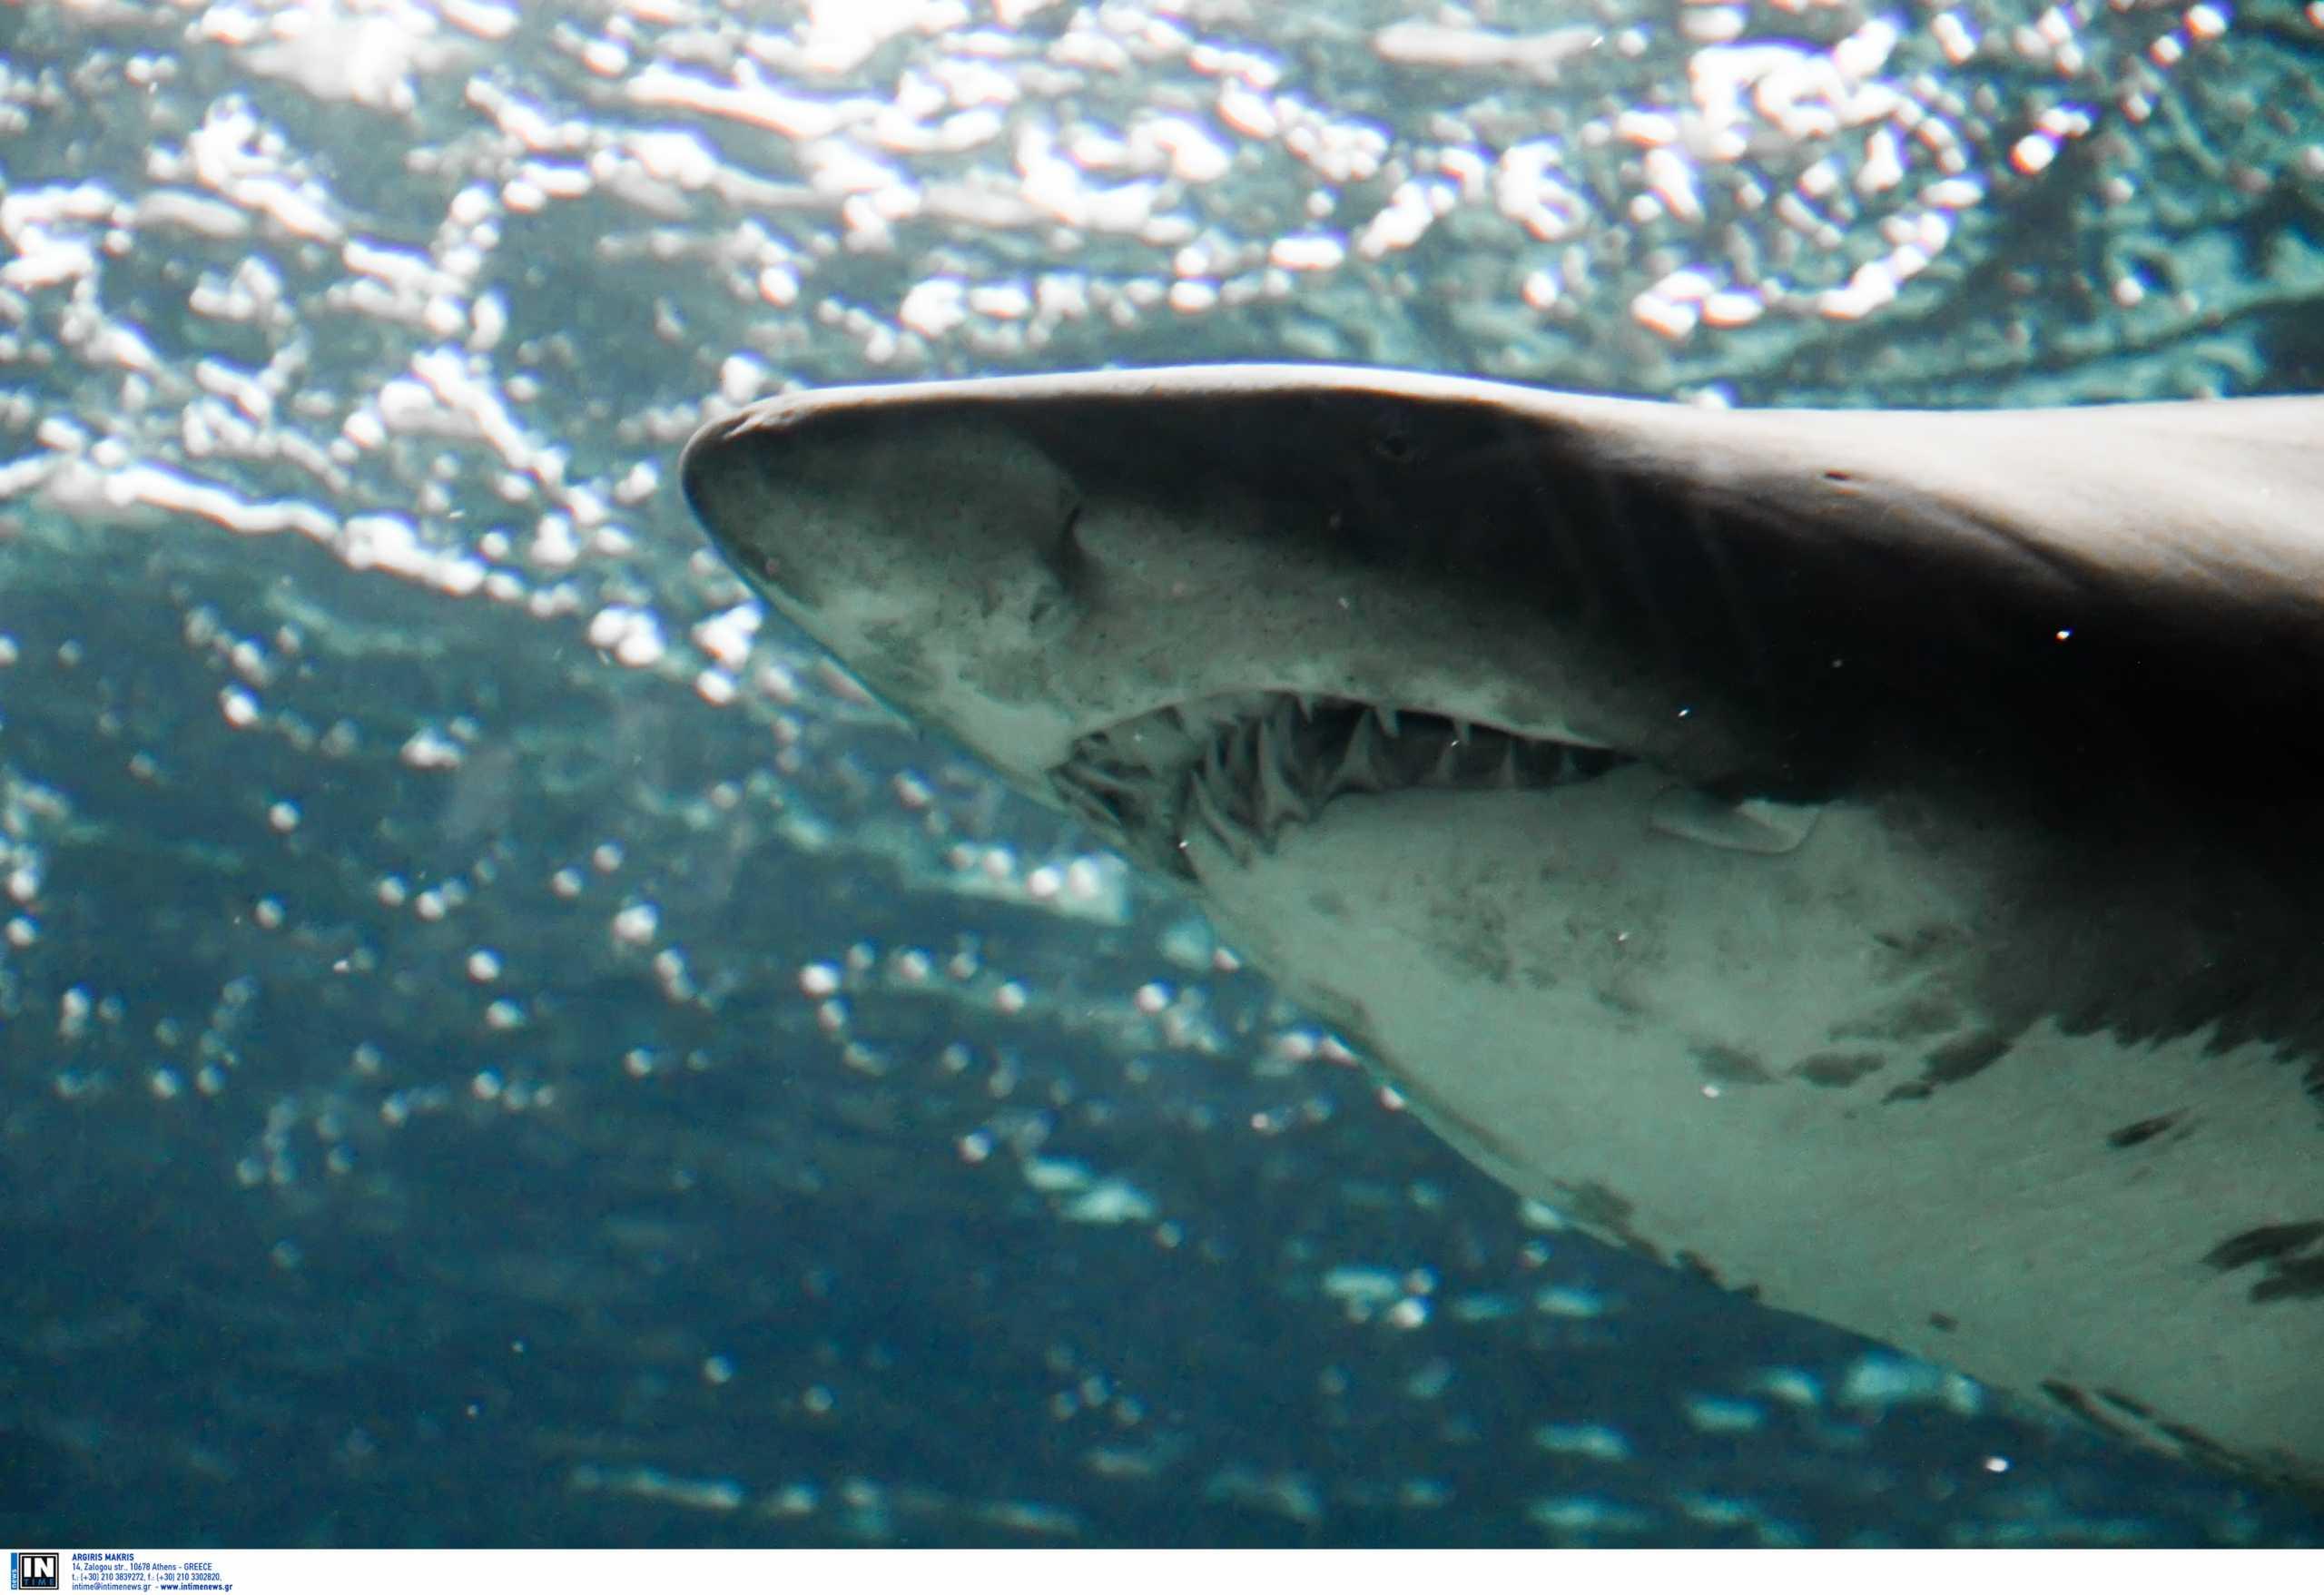 Κρήτη: Καρχαρίες βρέθηκαν νεκροί στο διάσημο ενυδρείο – Η έρευνα ειδικών για τα όσα έγιναν (pics)